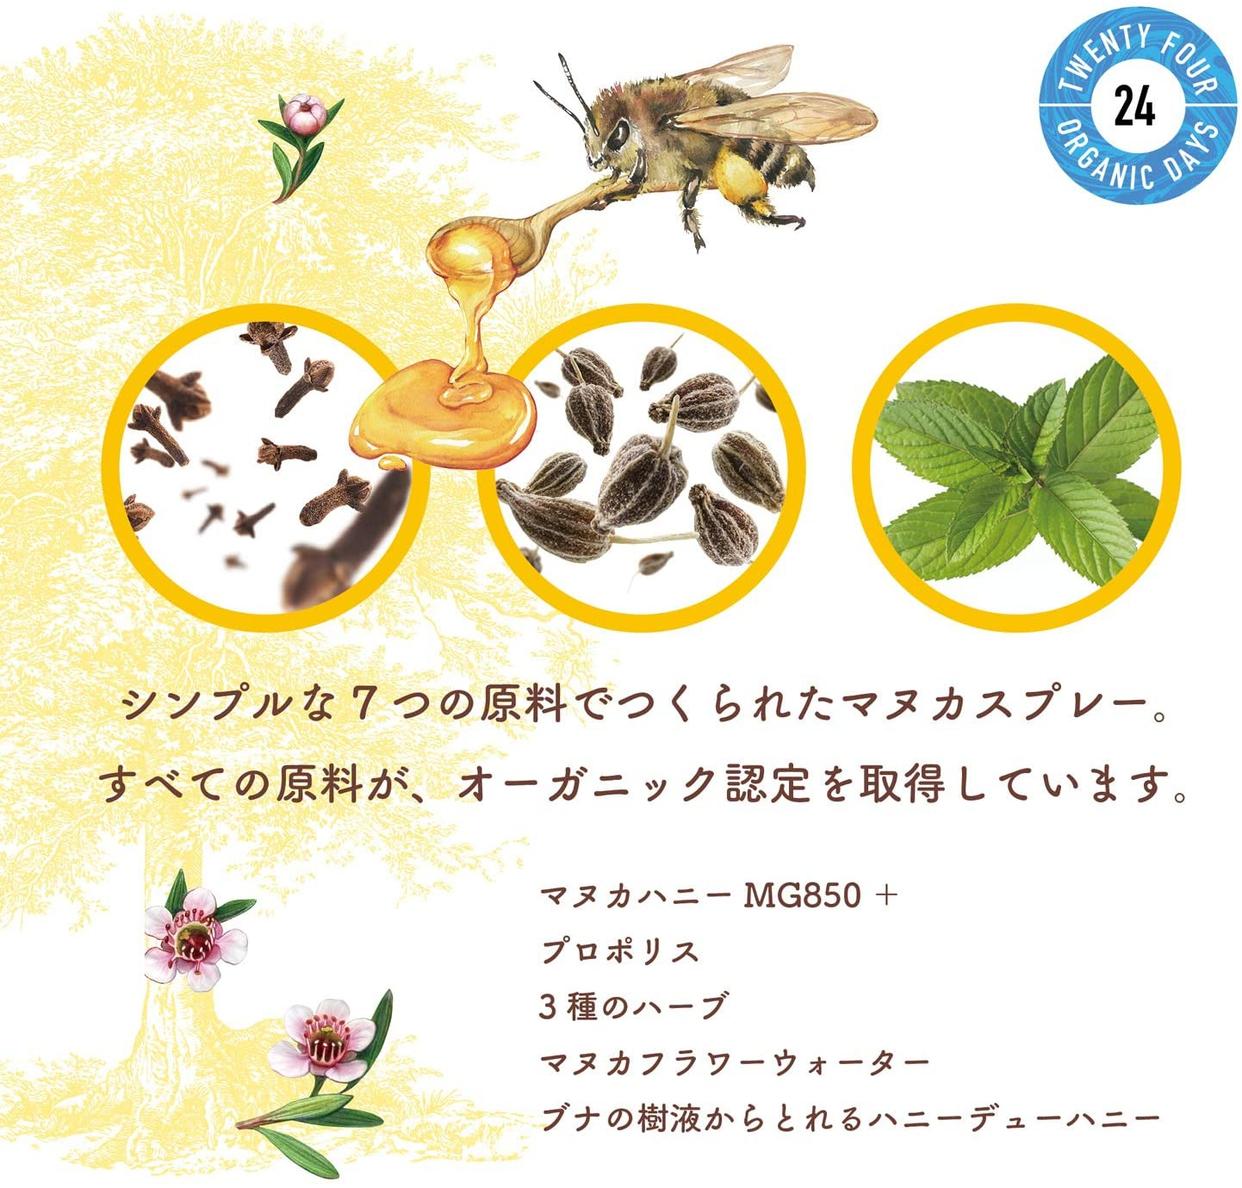 24 Organic Days(24オーガニックデイズ) マヌカハニー&プロポリススプレーの商品画像3